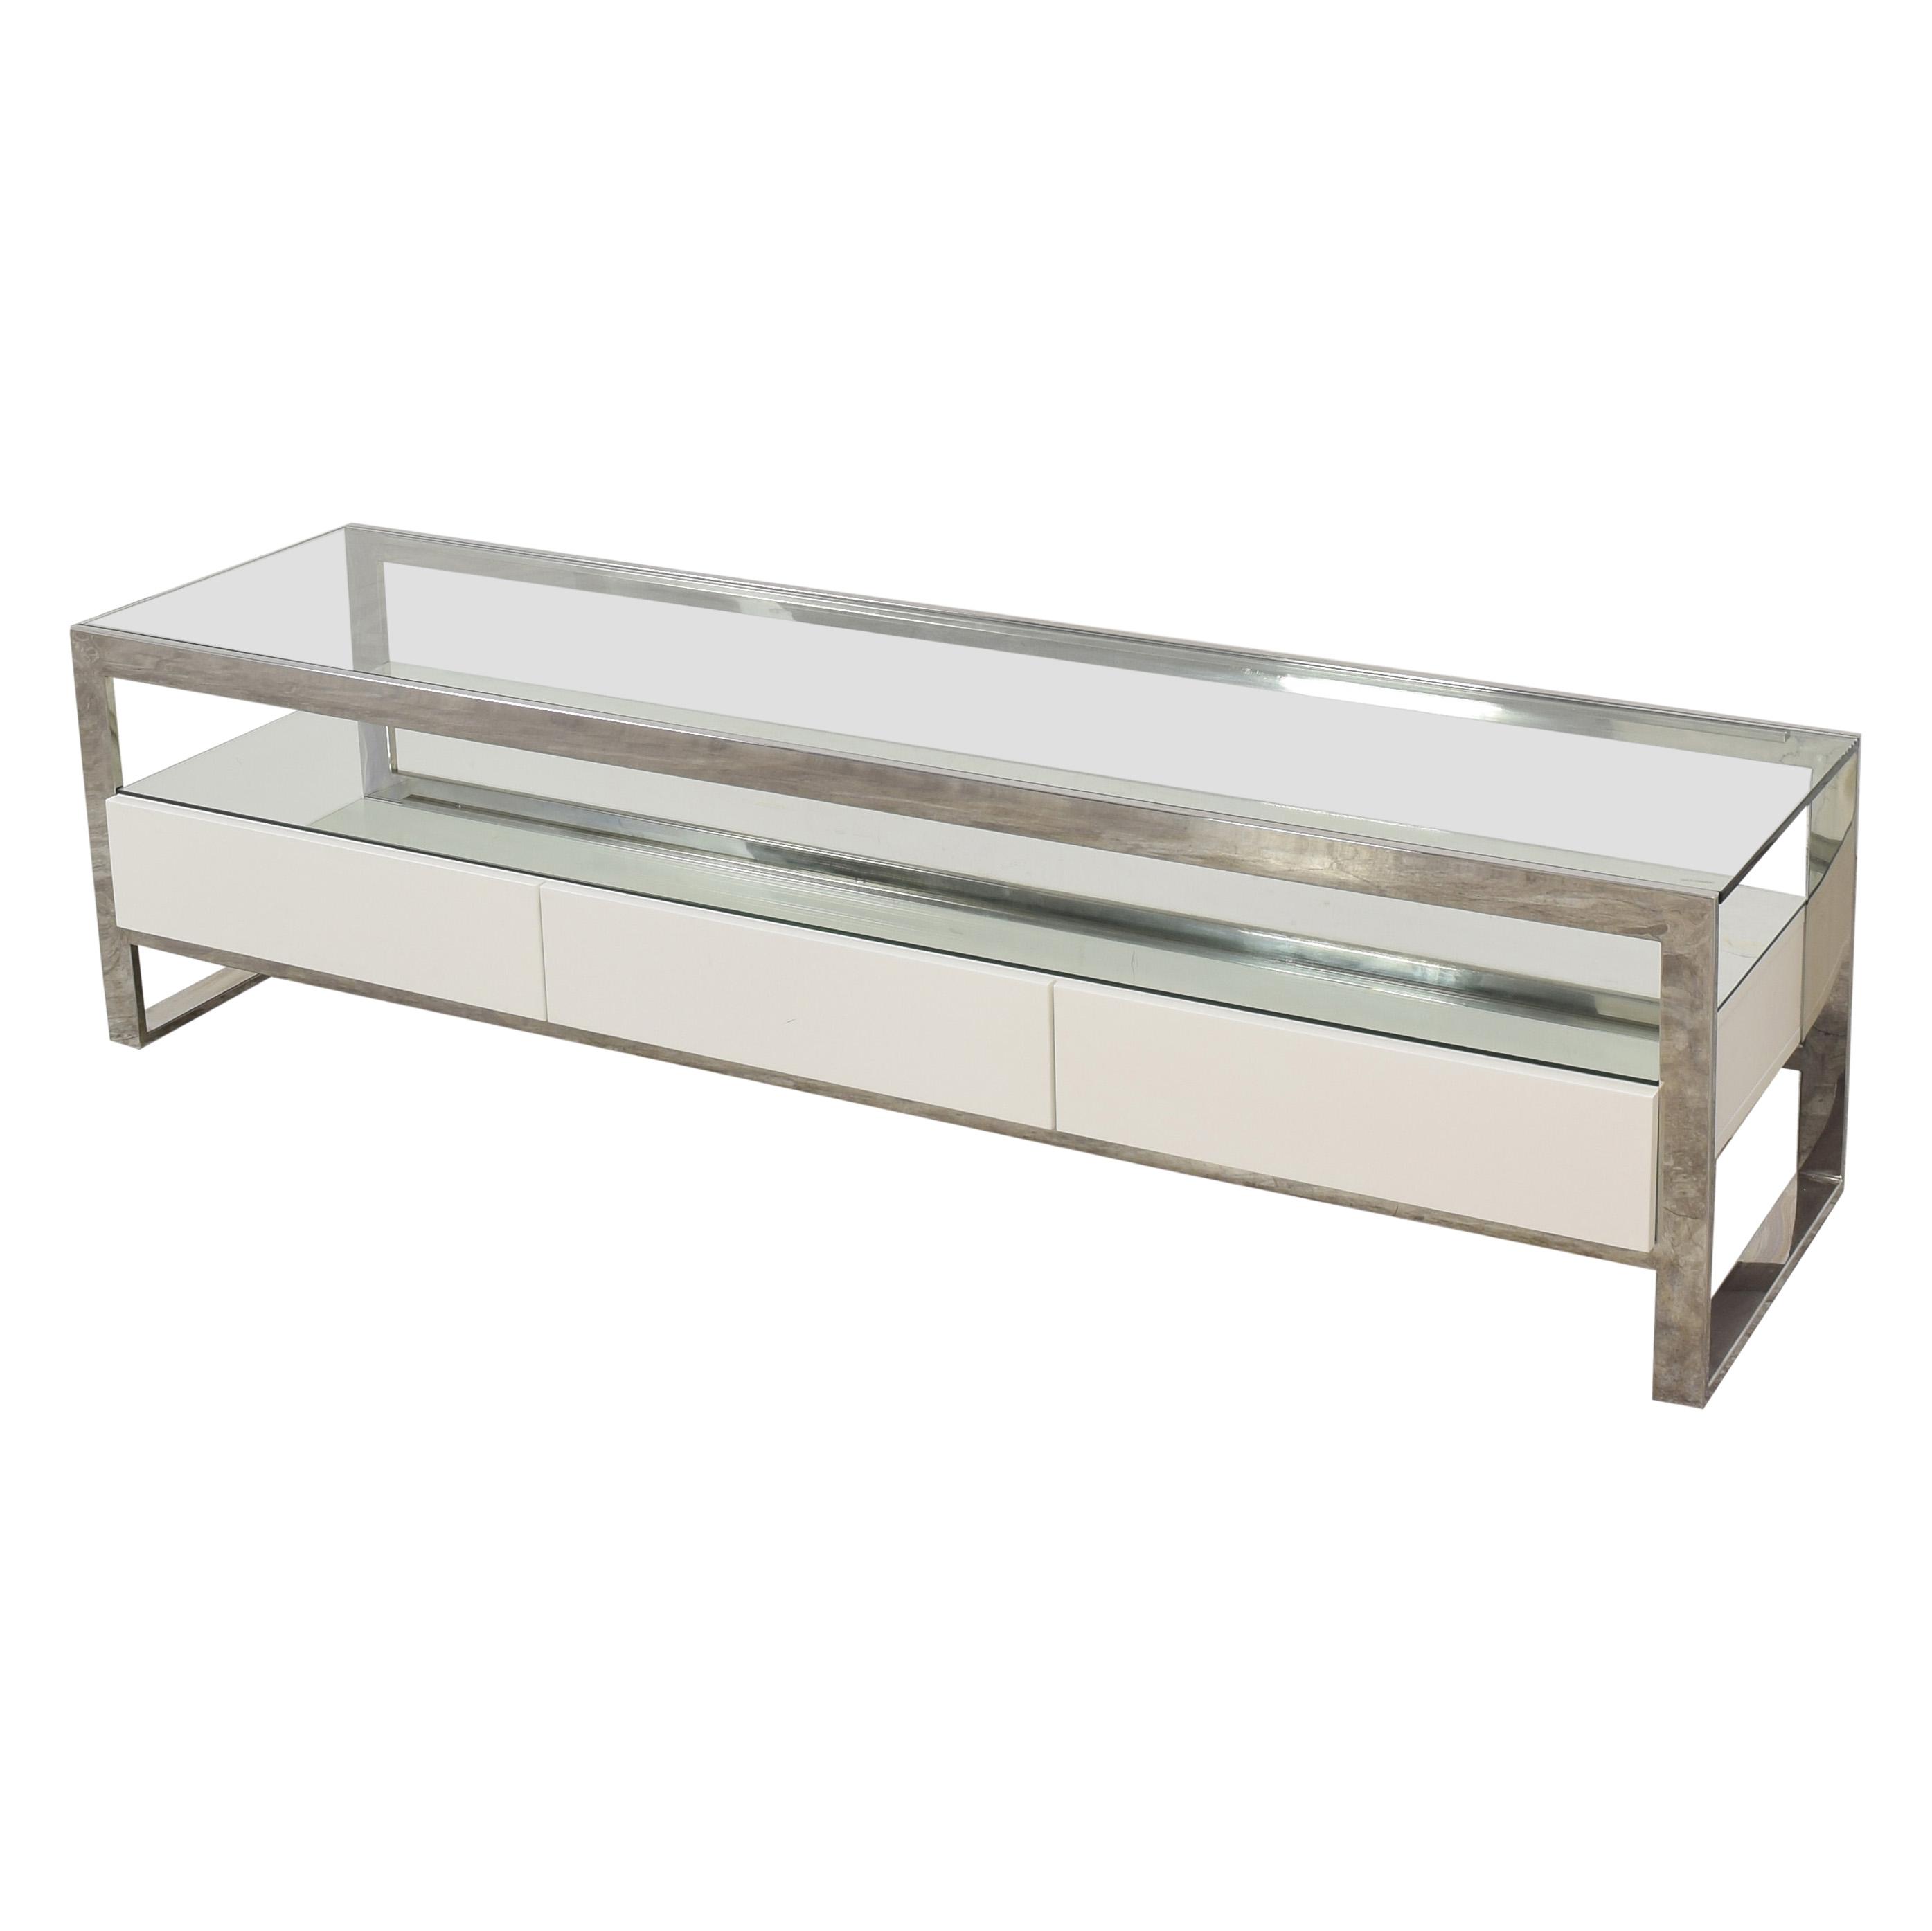 Modani Modani Strada TV Stand white and silver